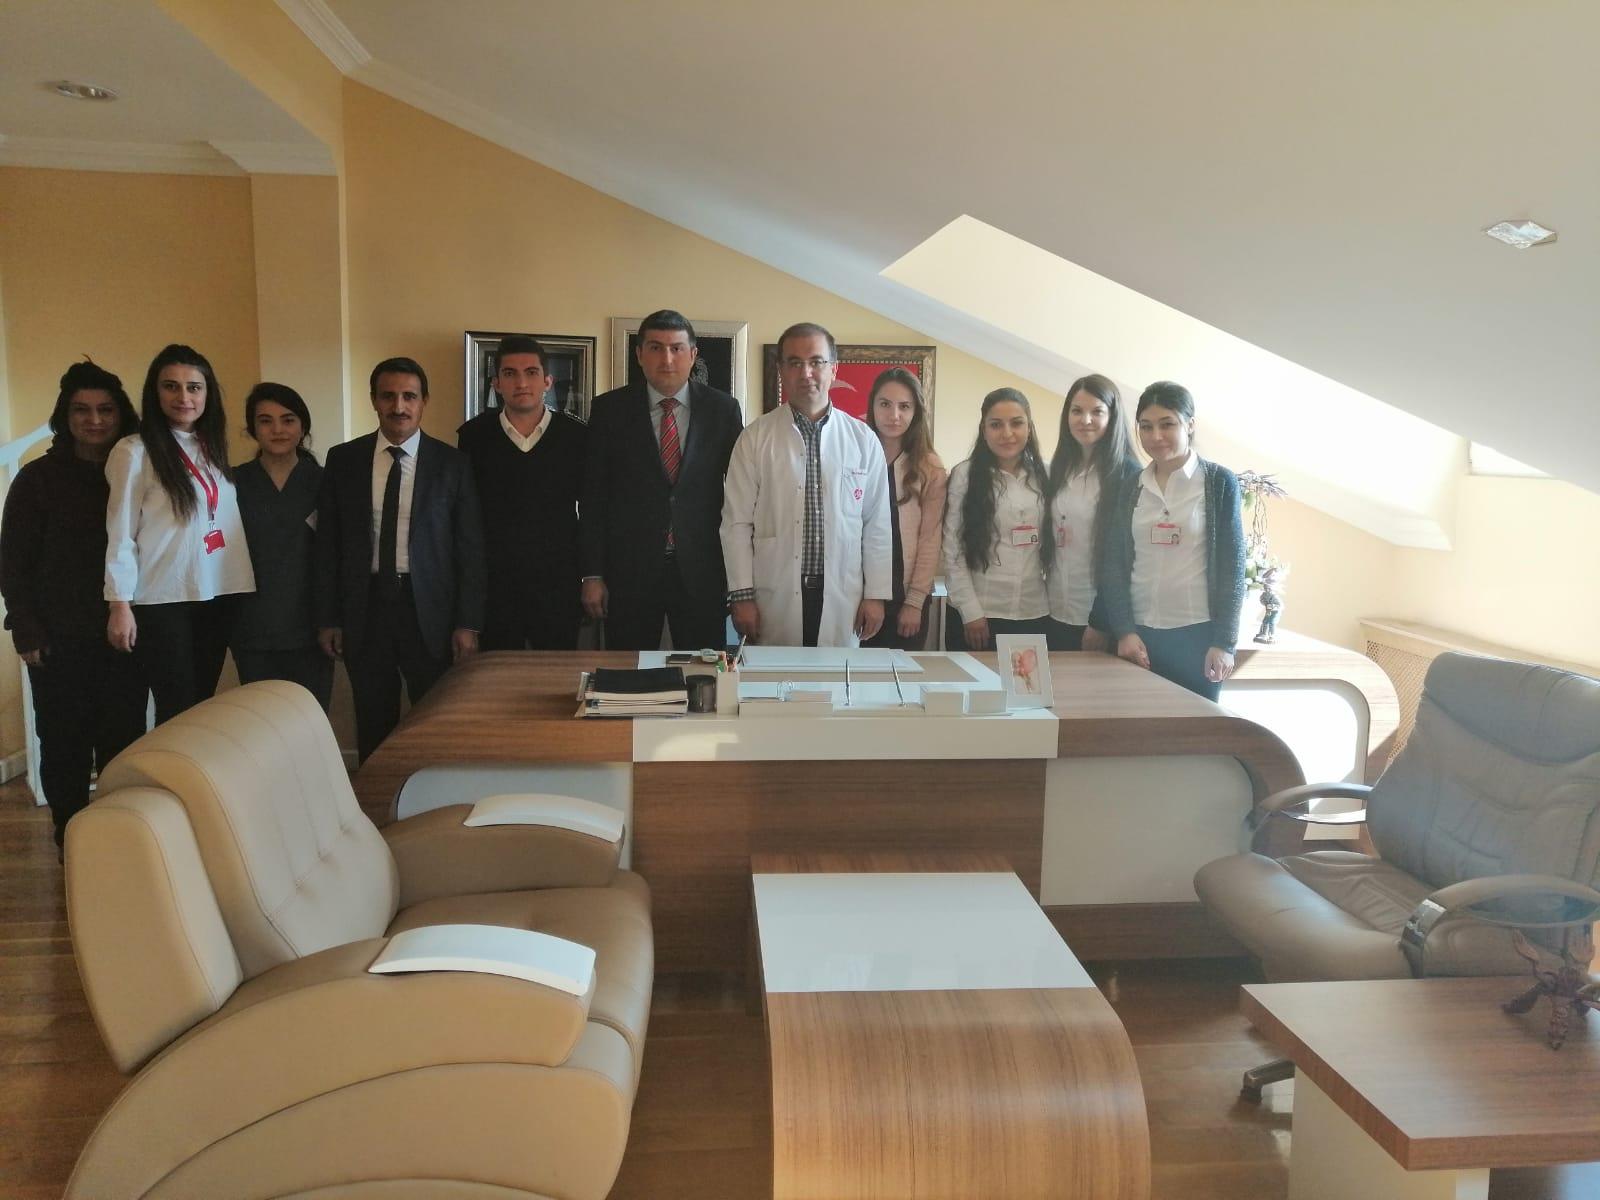 Nevşehir Çalışma ve İş Kurumu İl Müdürü Arif Sıddık BARATA 'dan hastanemize ziyaret.